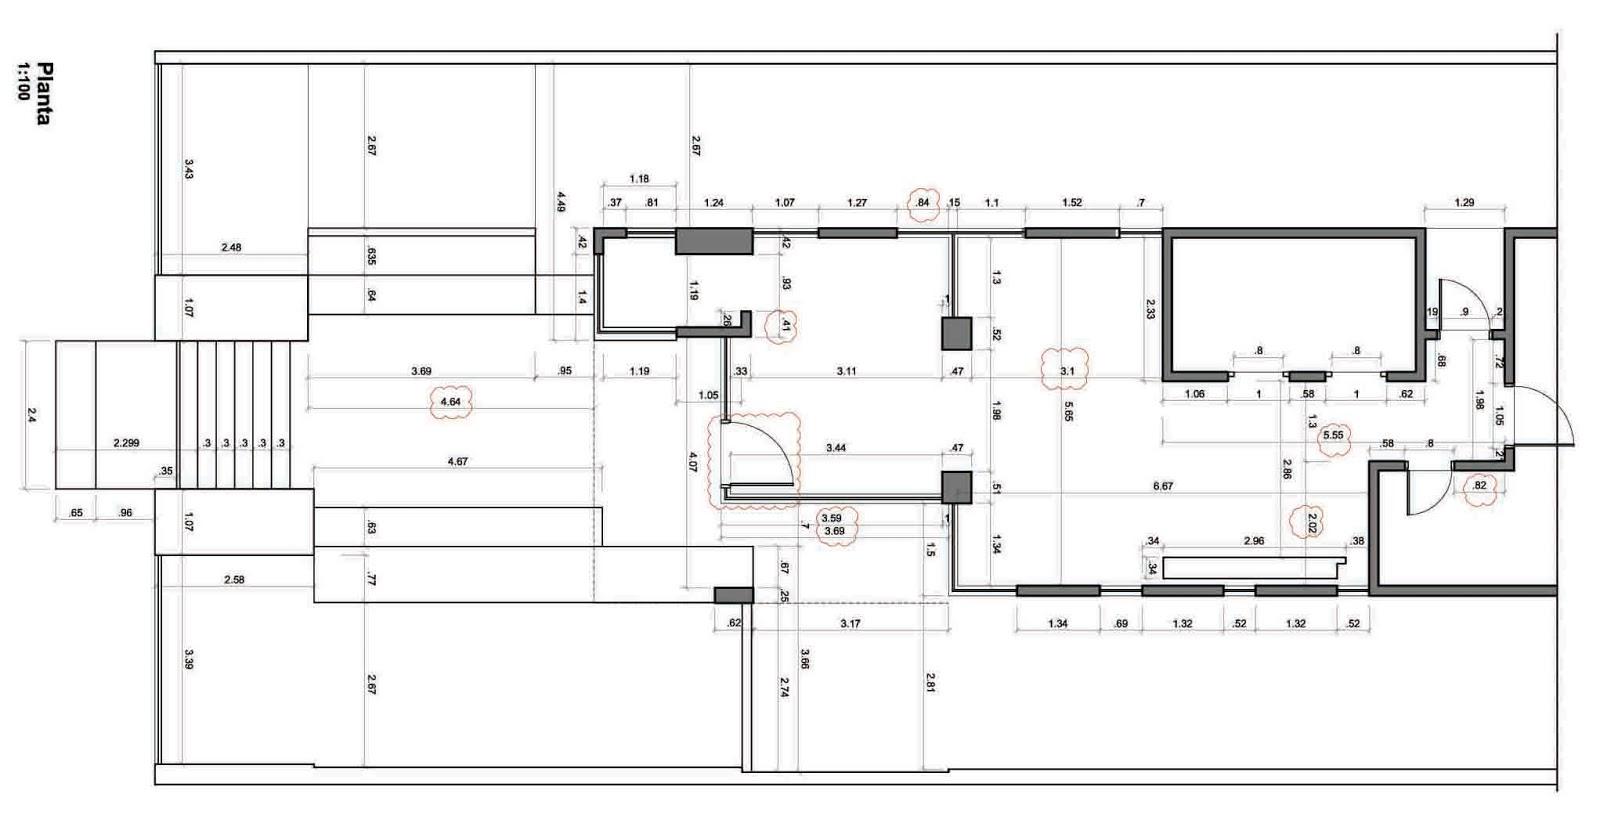 mariani dalan layout e vistas para apresentação de proposta para #696562 1600 827